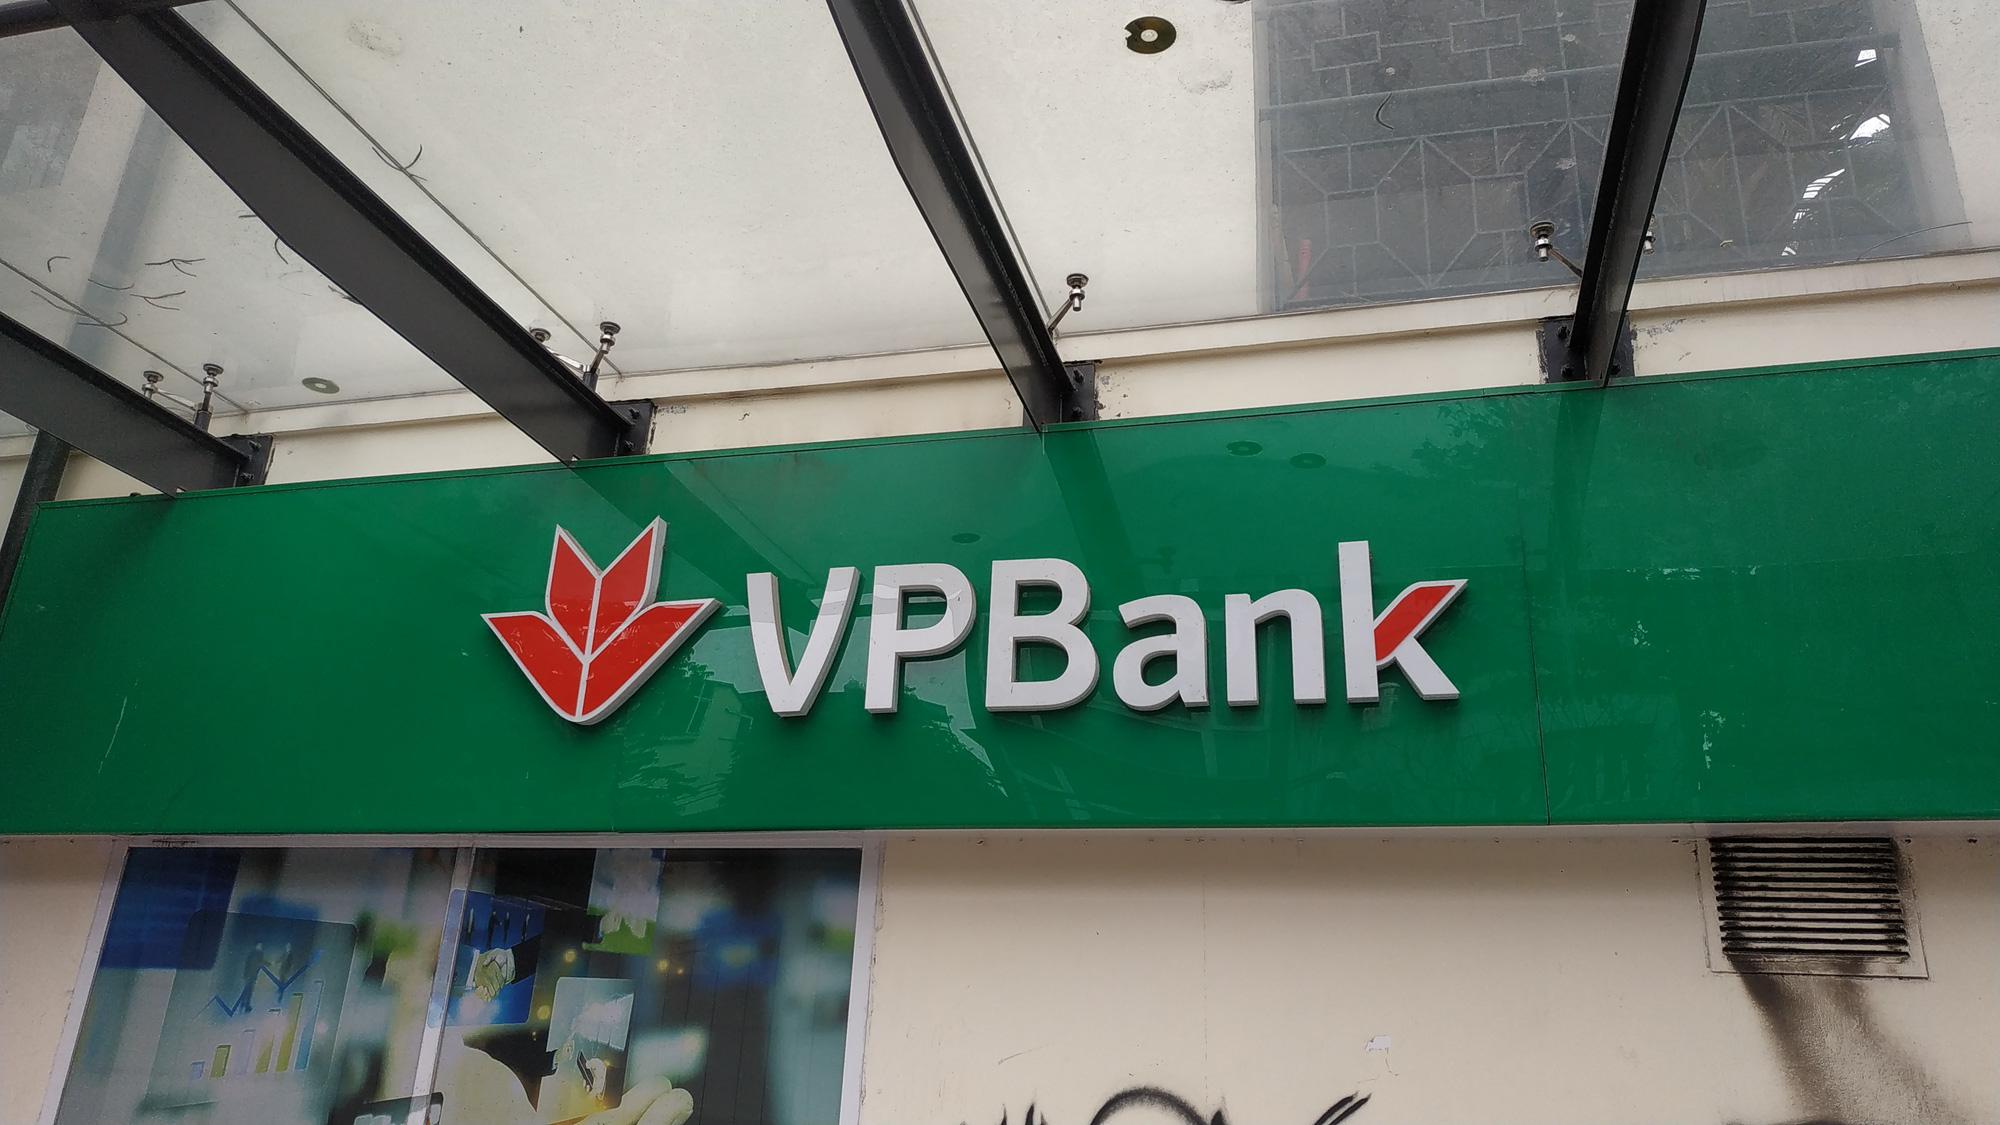 Liên tục trao tay khủng cổ phiếu GAB tại vùng đỉnh, VPB được thỏa thuận hơn 400 tỉ đồng phiên giảm sàn đầu tuần - Ảnh 1.